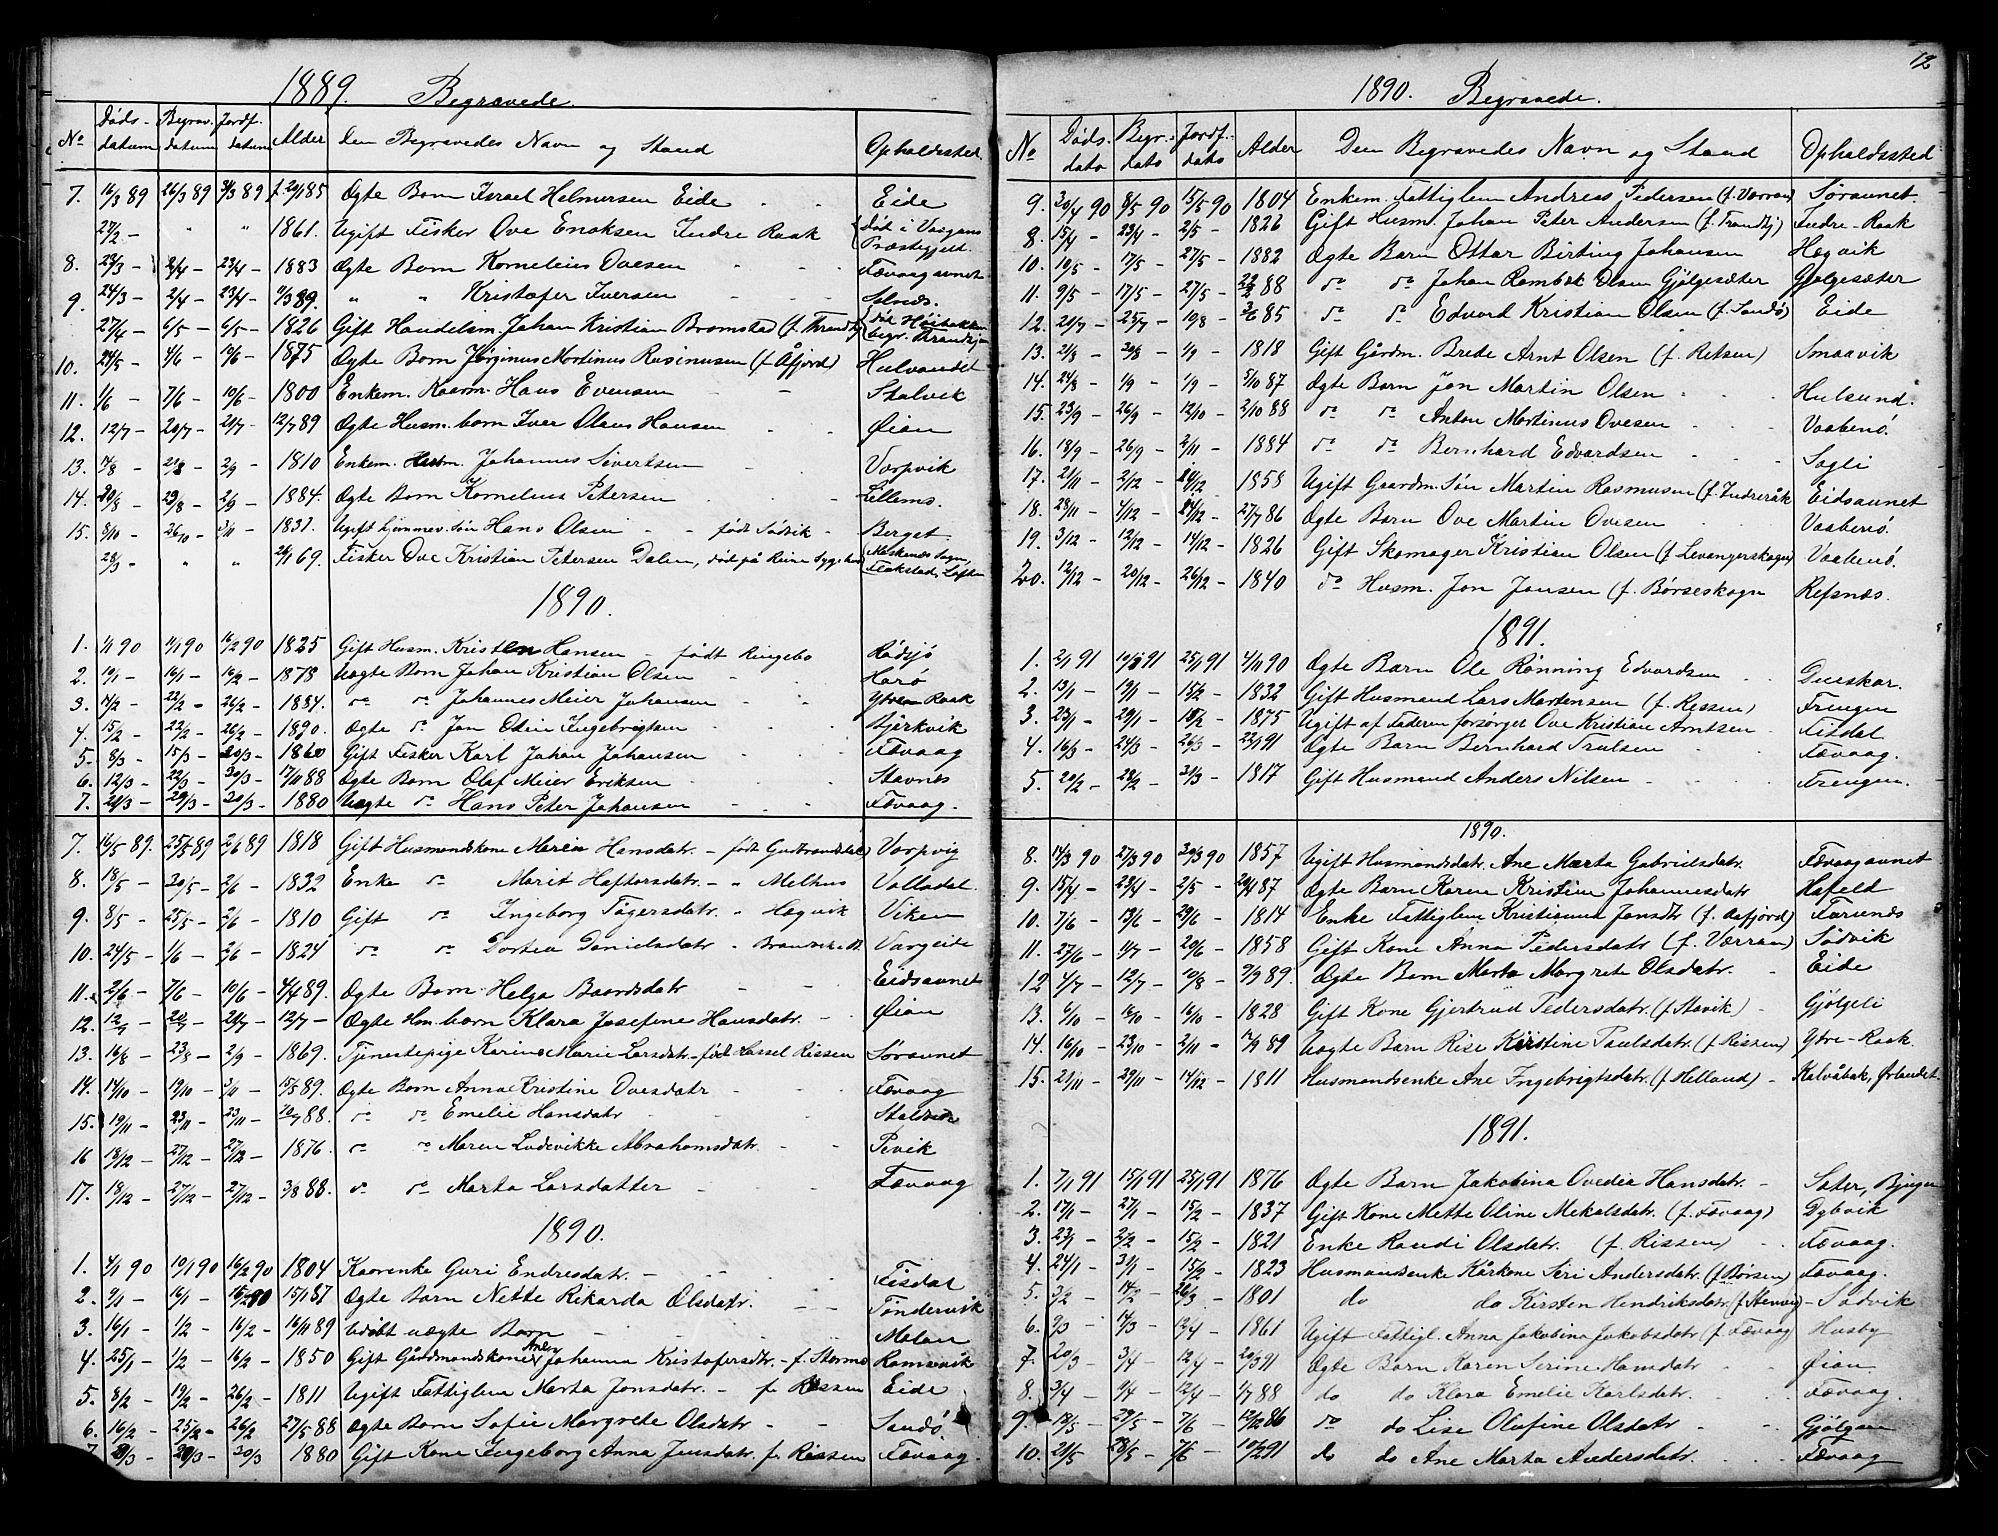 SAT, Ministerialprotokoller, klokkerbøker og fødselsregistre - Sør-Trøndelag, 653/L0657: Klokkerbok nr. 653C01, 1866-1893, s. 72